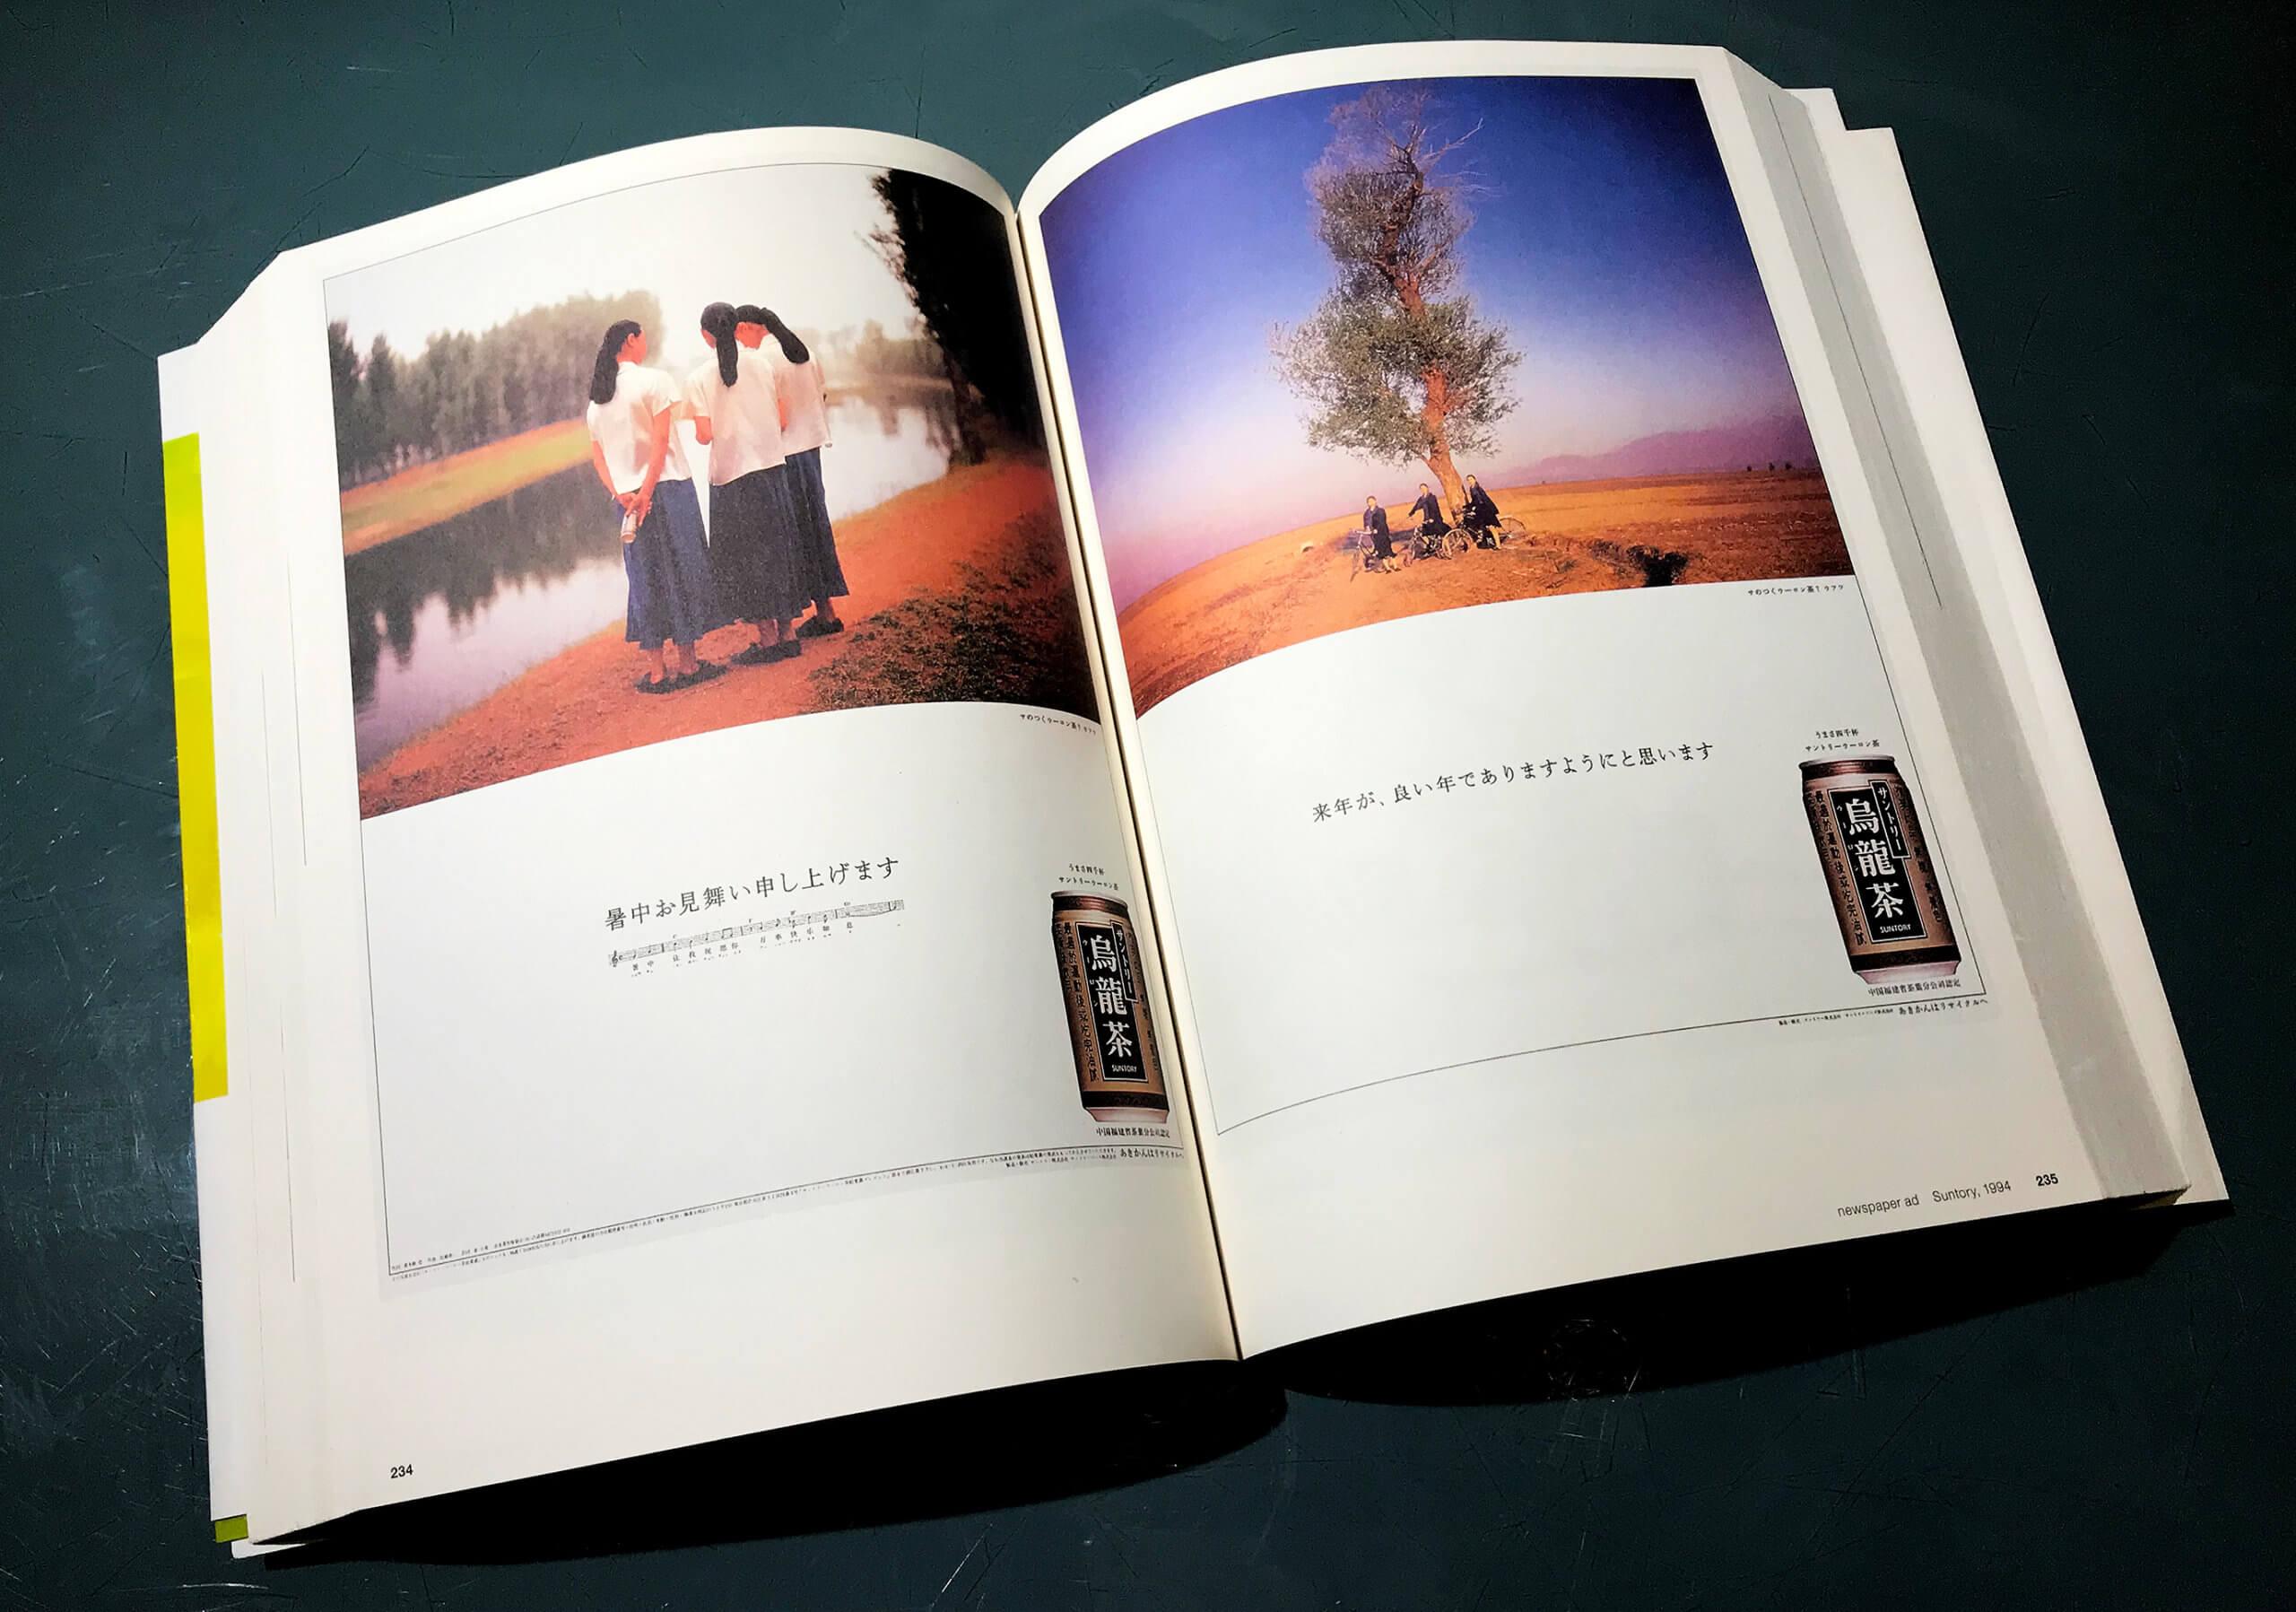 出典:葛西薫「図録 葛西薫1968」,株式会社ADP,2010年3月,234,235ページ